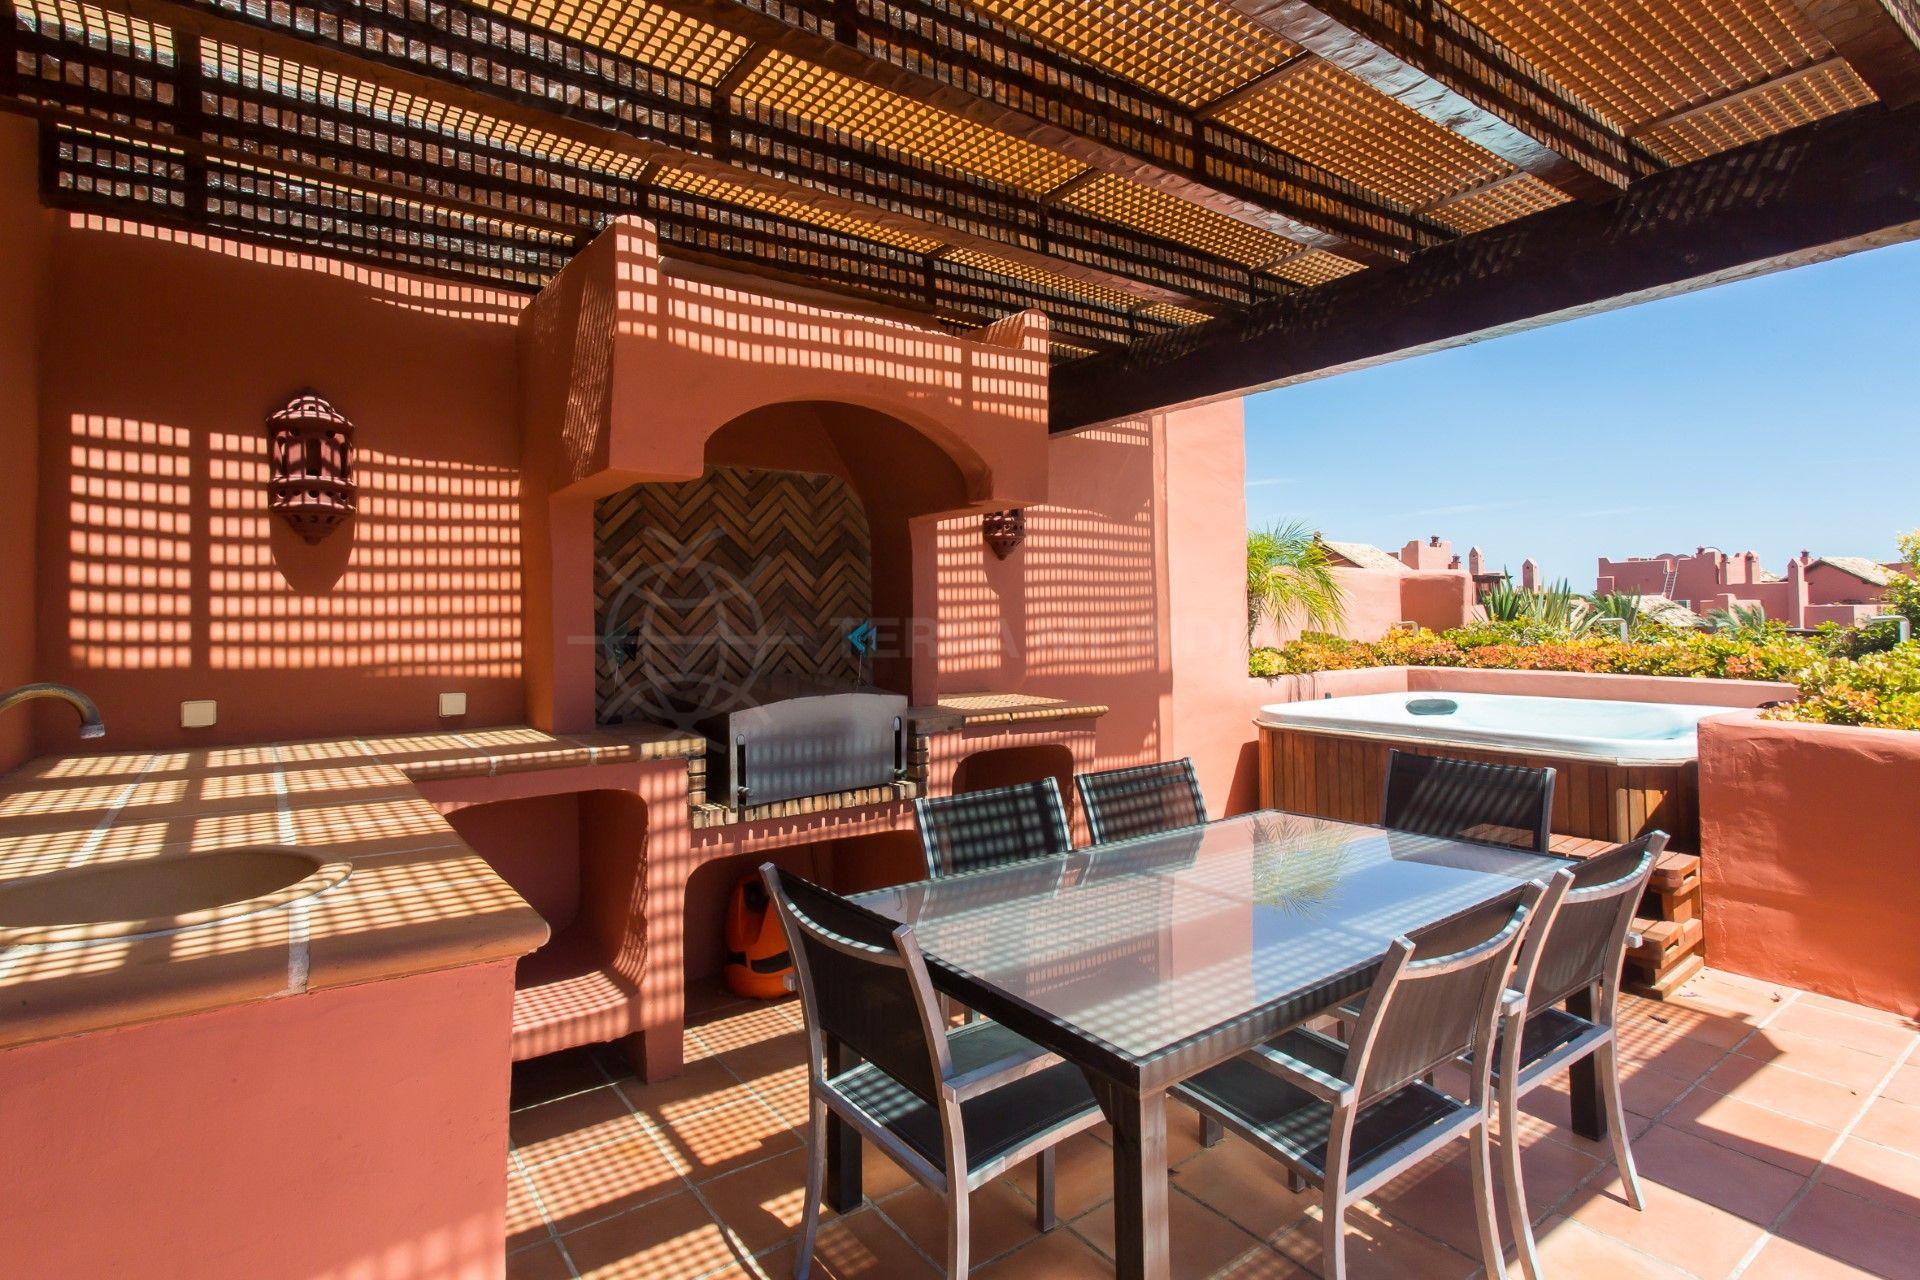 Tico de lujo con dos terrazas piscinas jardines y for Terrazas y piscinas